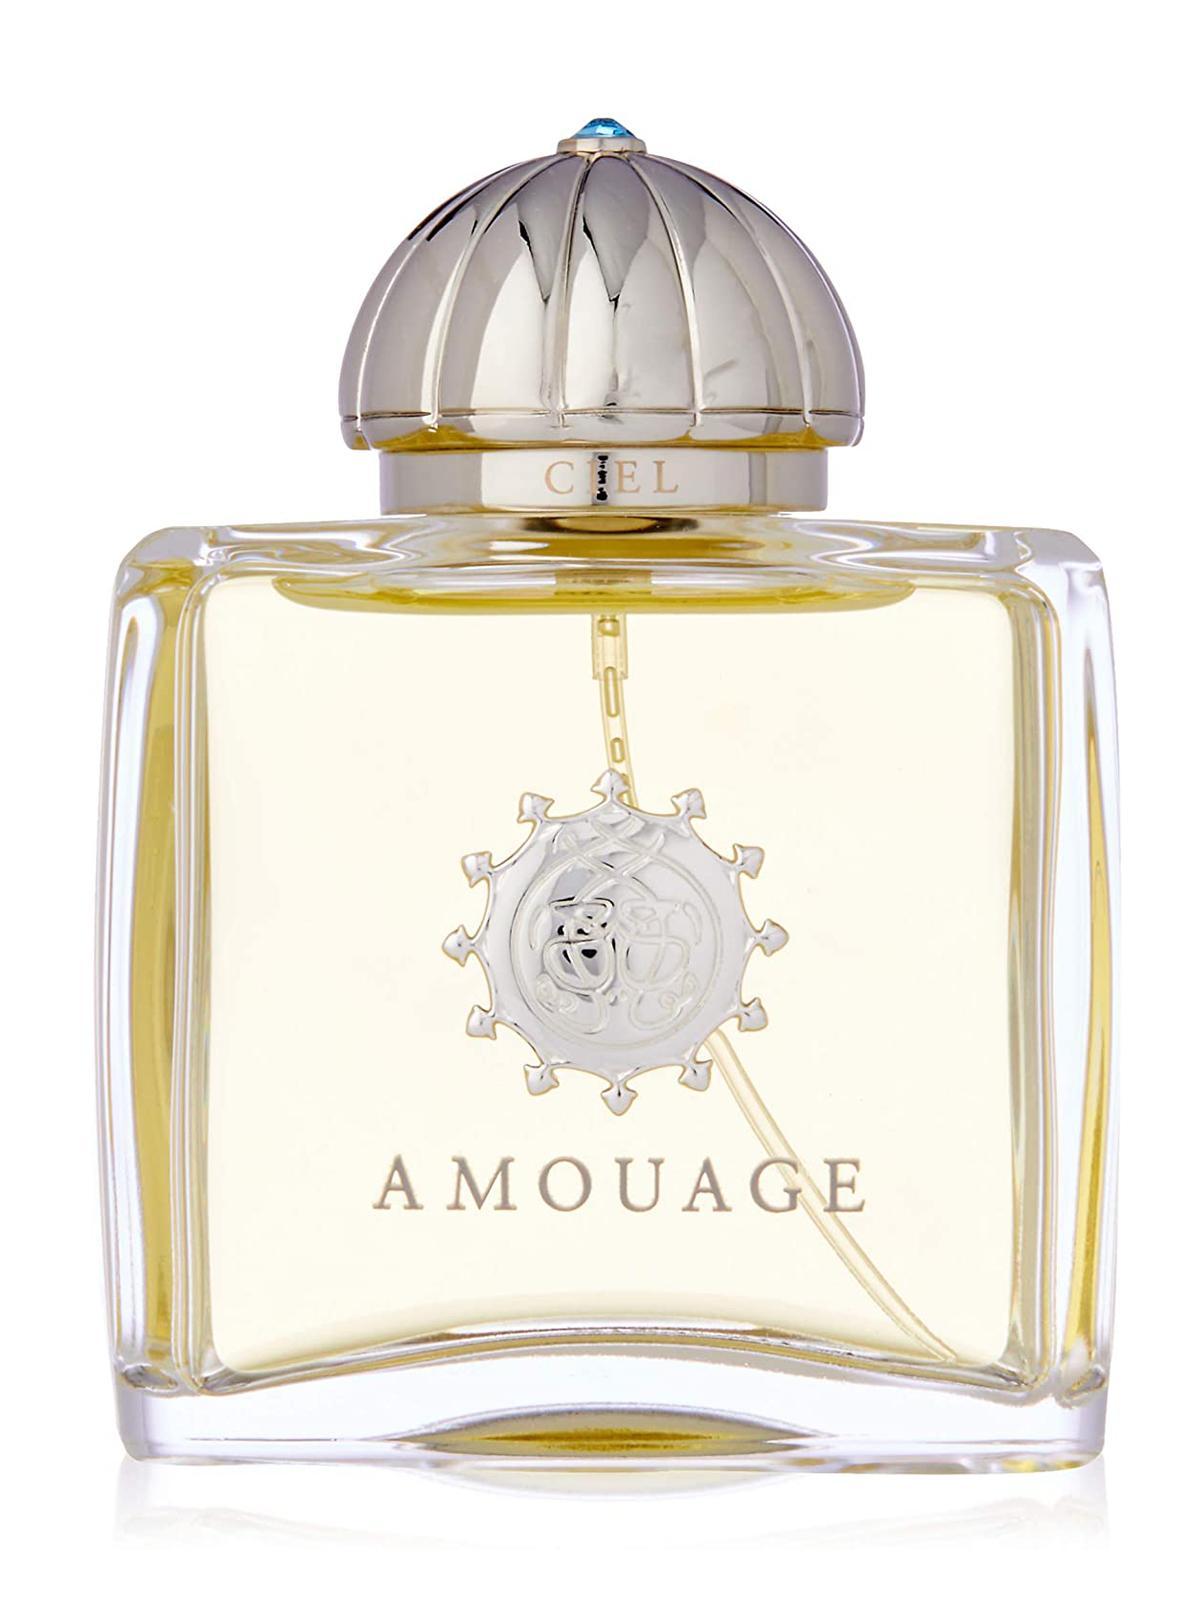 Amouage Ciel For Women Eau De Parfum 100ML